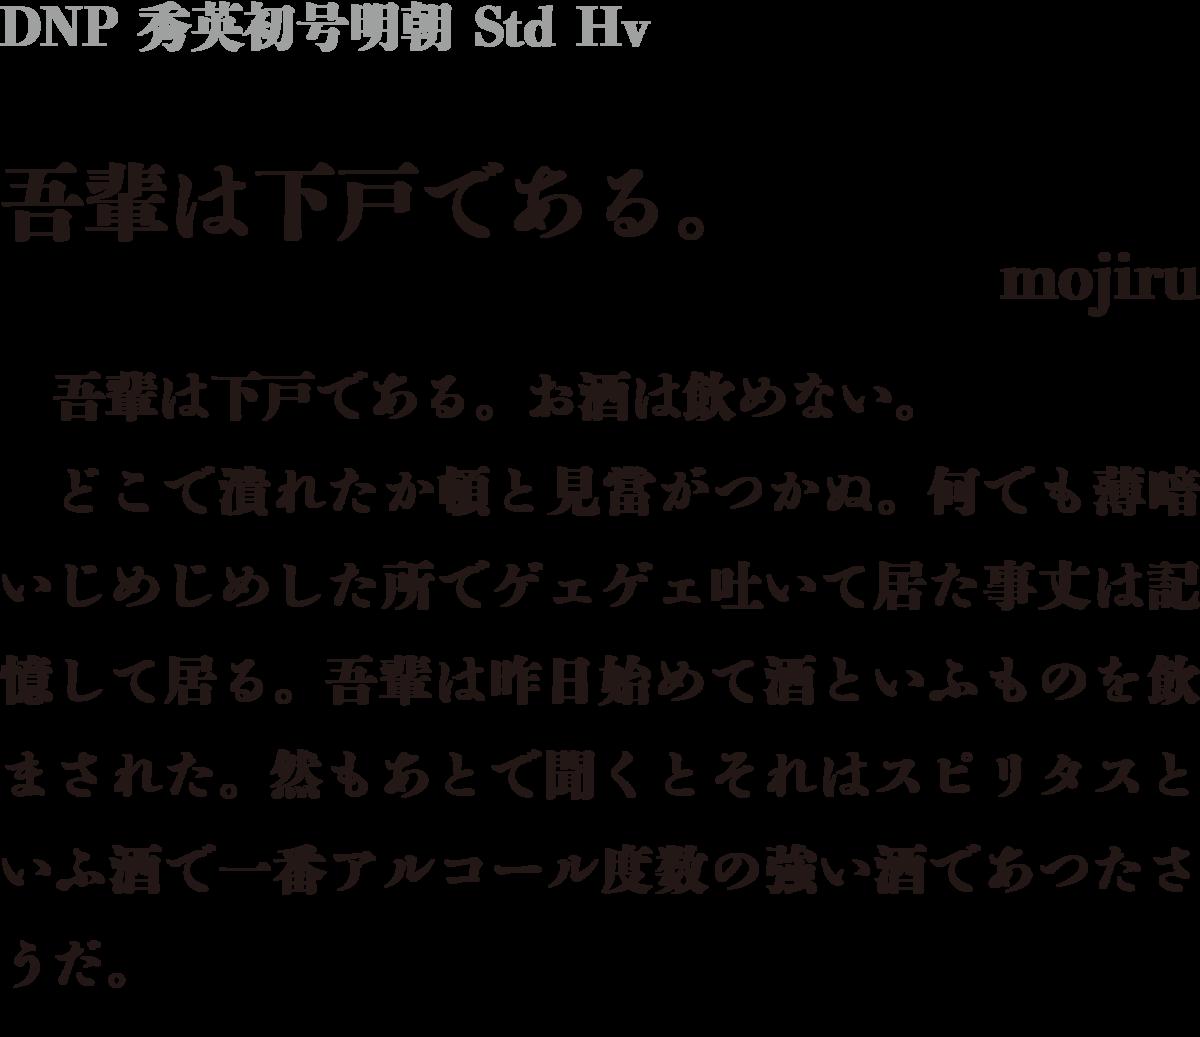 f:id:mojiru:20190411112100p:plain